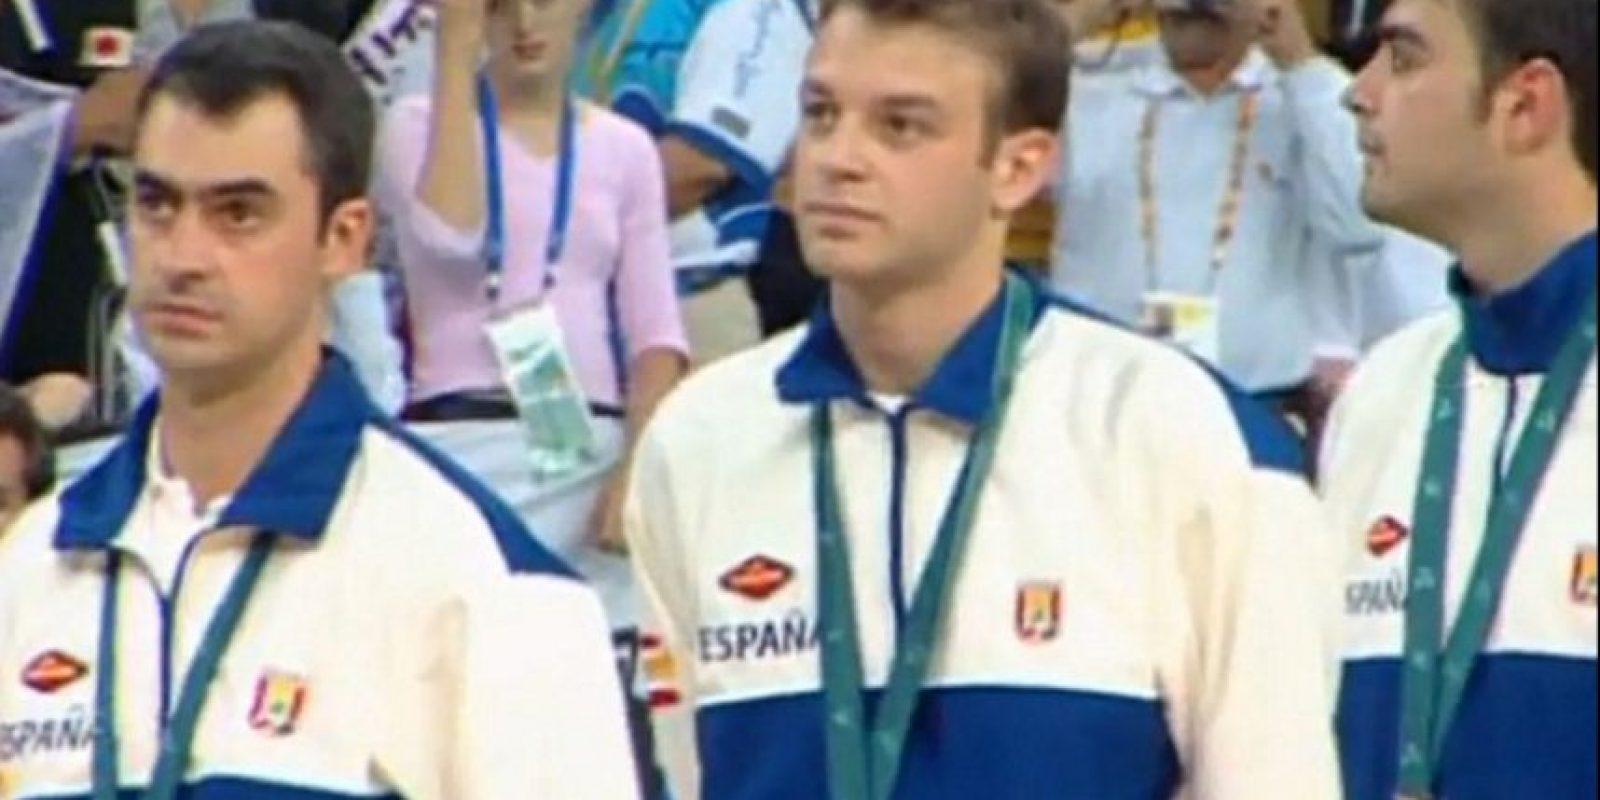 El equipo de baloncesto de España para Discapacitados Intelectuales mostró un gran juego en los Paralímpicos de Sidney 2000, sin embargo, todo se vio empañado al revelarse que dos participantes no tenían ningún tipo de discapacidad. Foto:Captura de pantalla